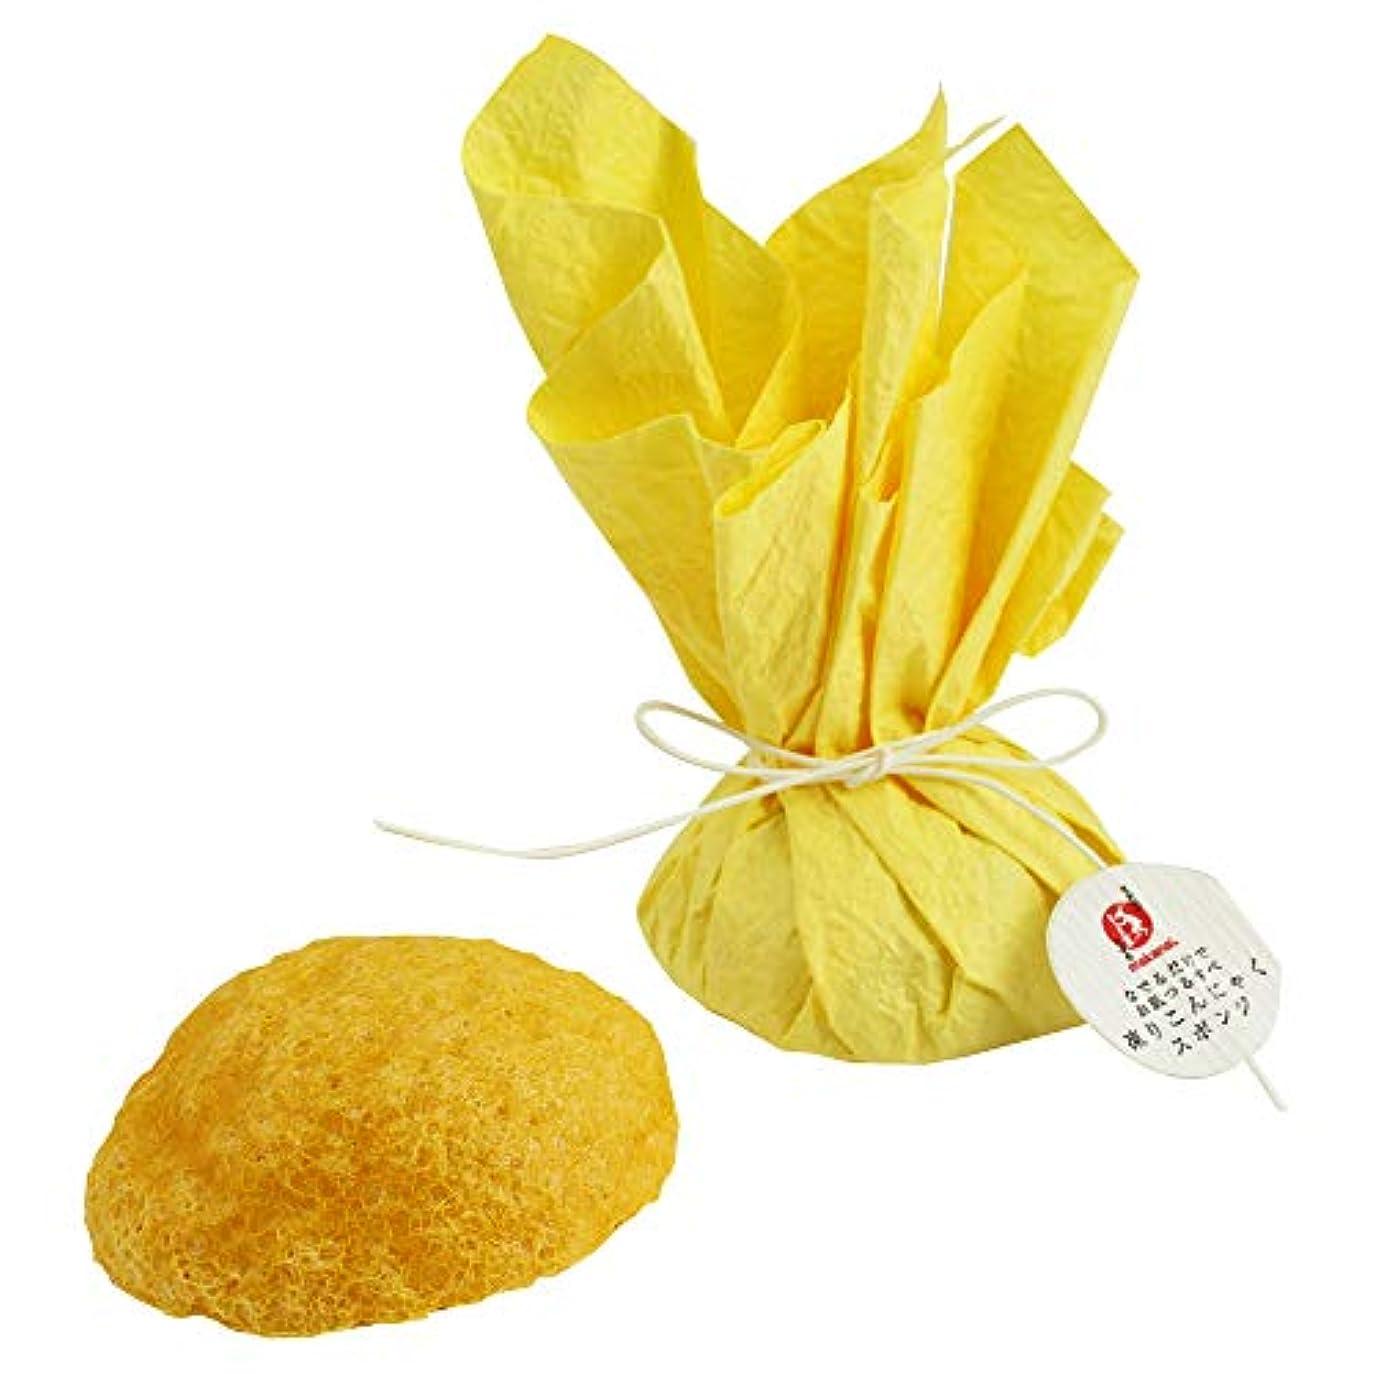 ヨーグルト首ダイバーまかないこすめ 凍りこんにゃくスポンジ(柚子/黄色)